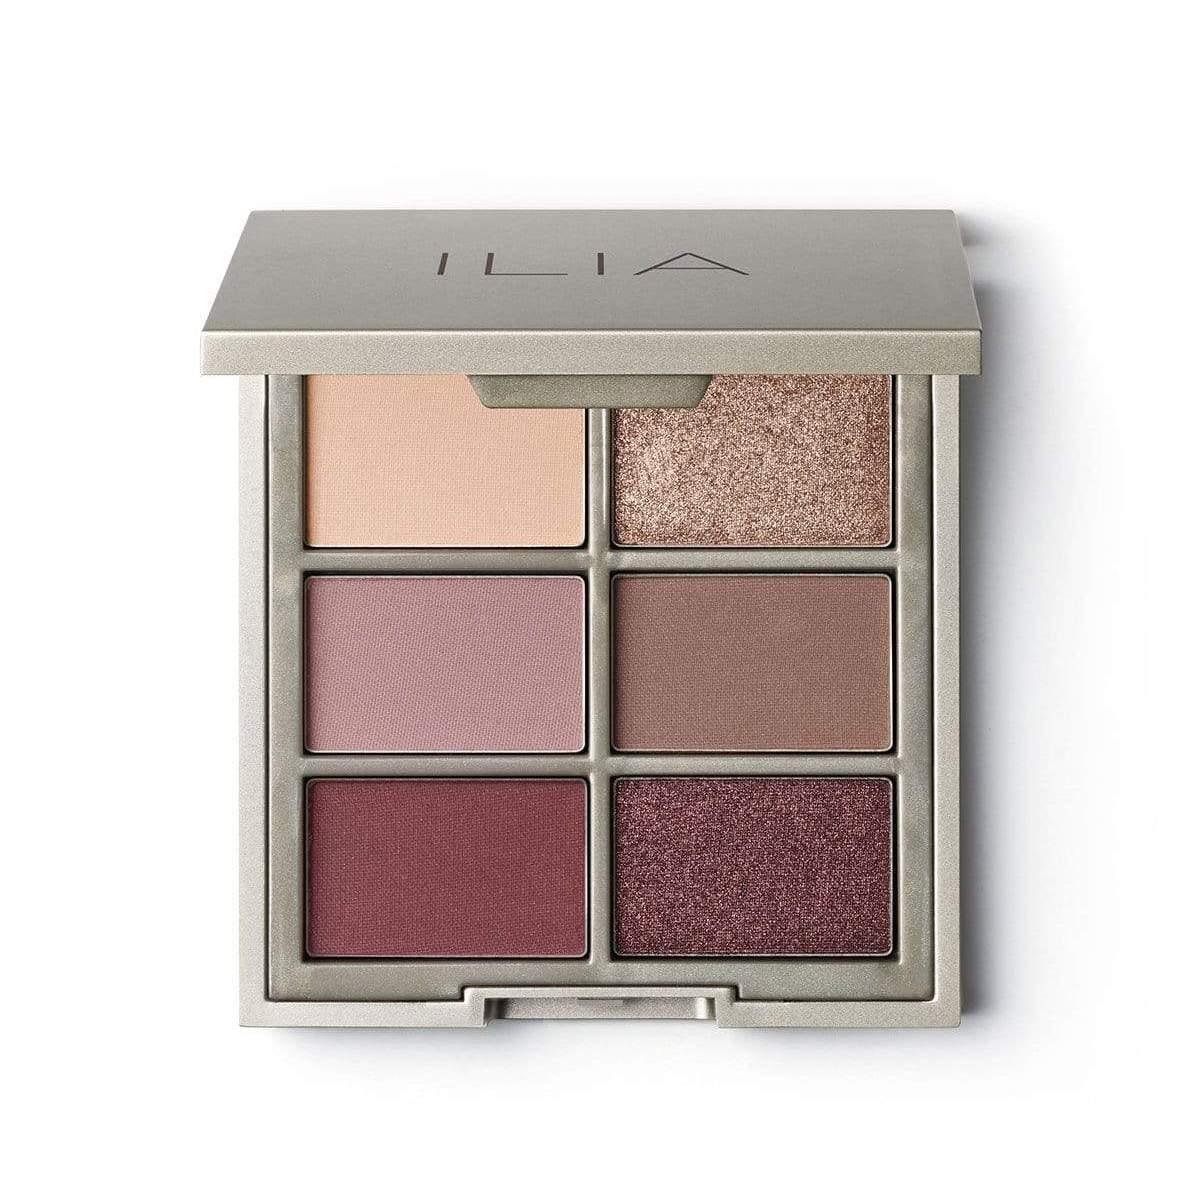 ILIA BEAUTY Cienie do oczu | SoBio Beauty Boutique 2